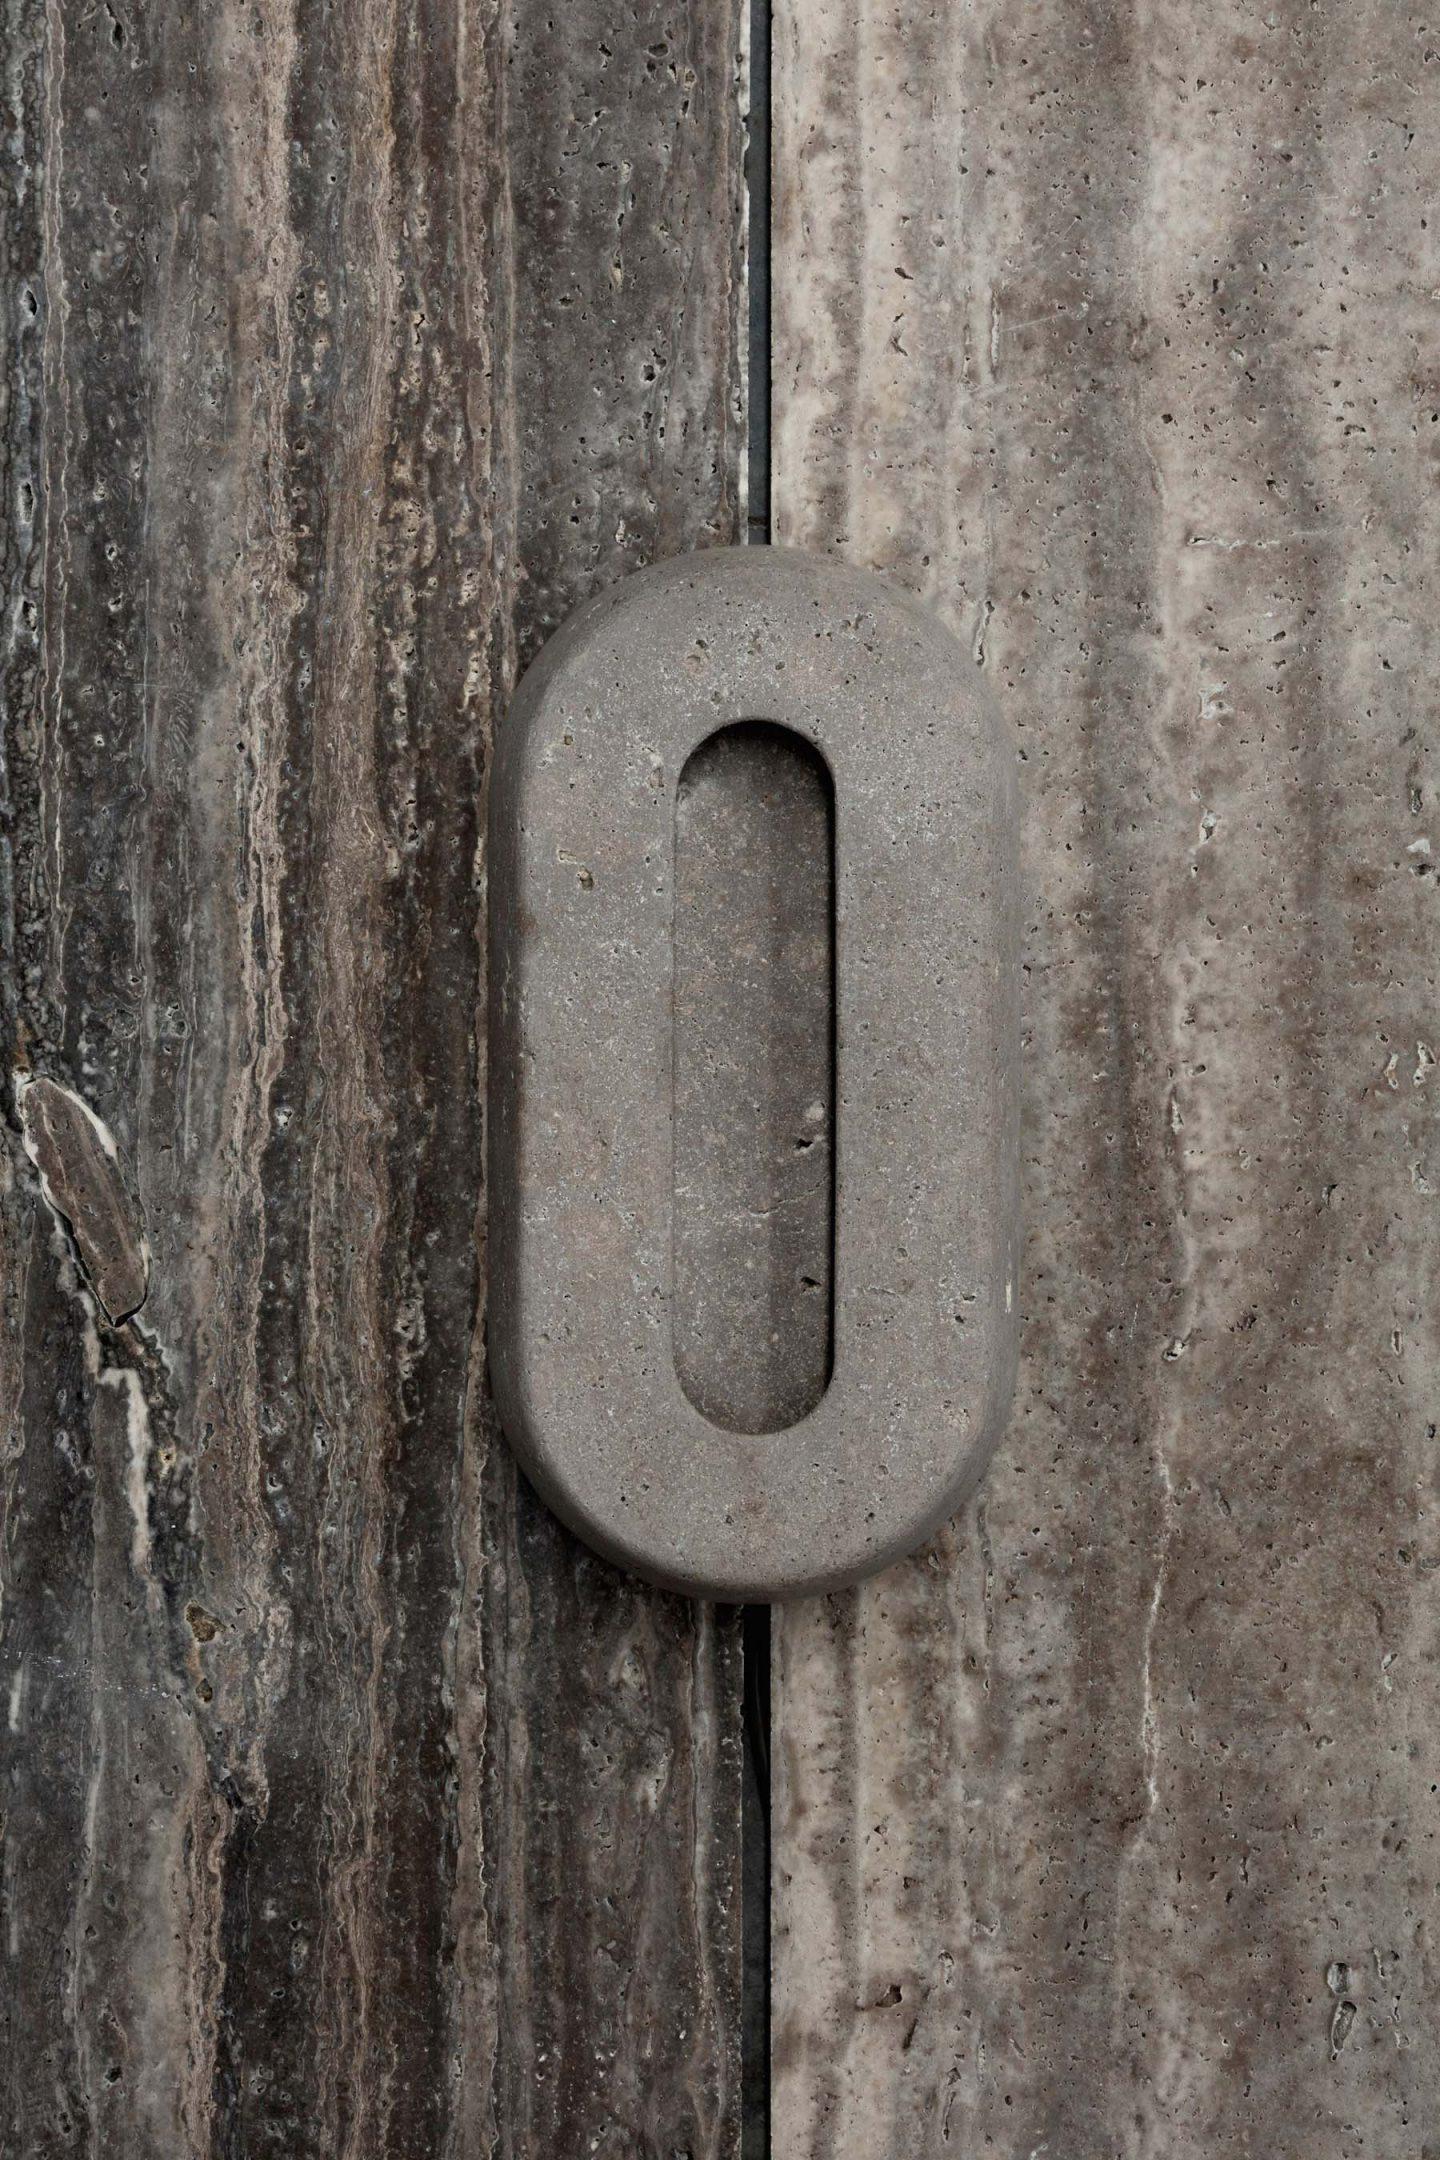 iGNANT-Design-Francesco-Balzano-and-Valeriane-Lazard-Primitif-07